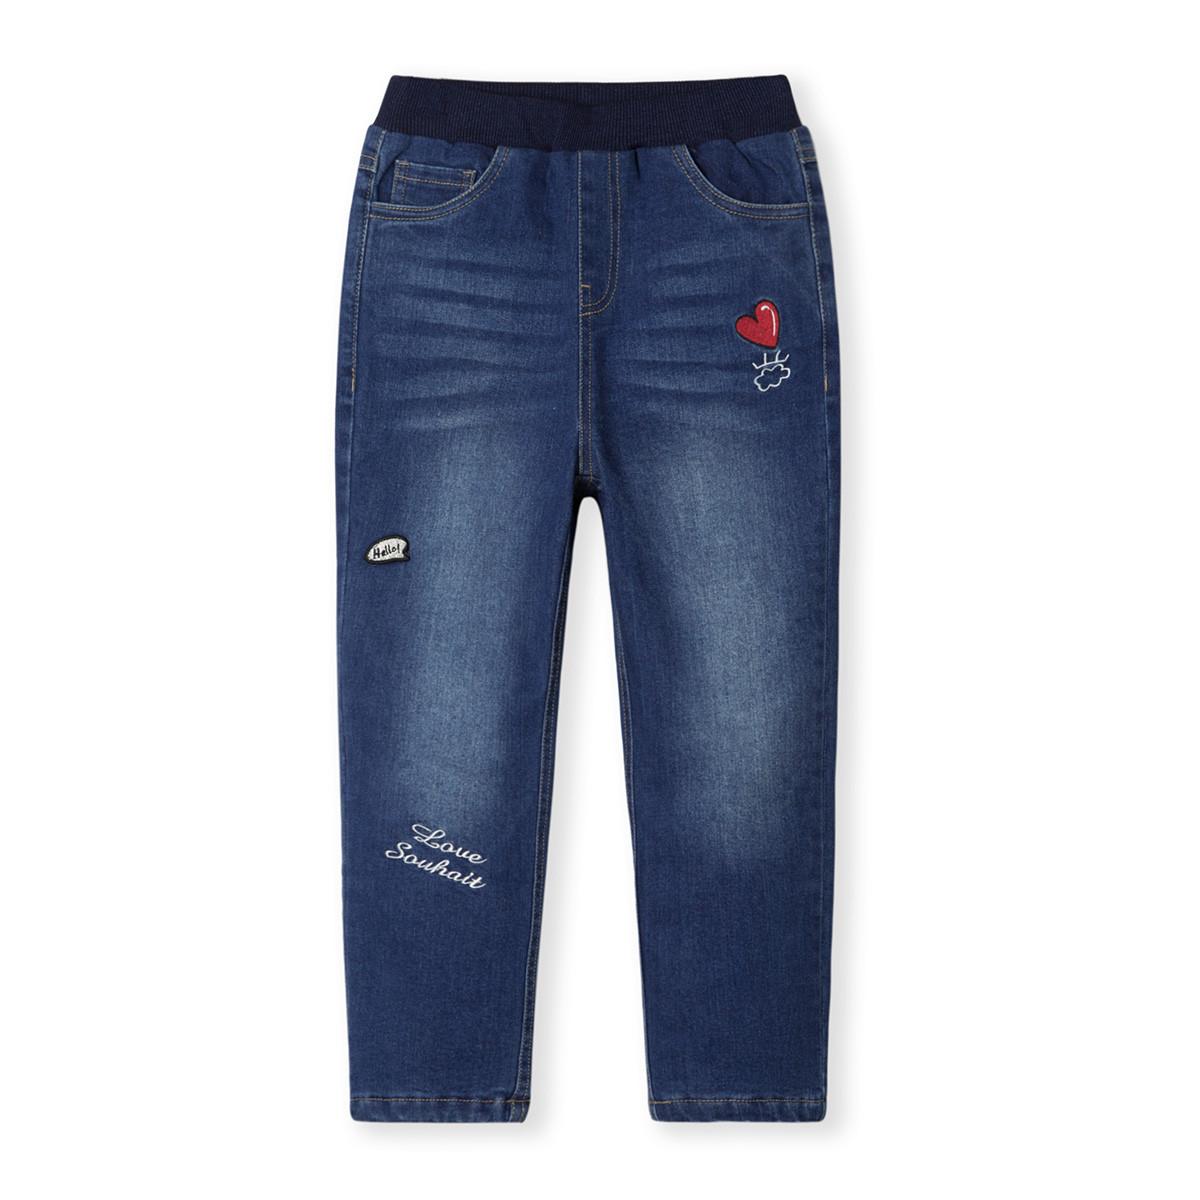 水孩儿水孩儿童装秋冬装新款女童时尚牛仔双层长裤SHNDGD32CK695J01